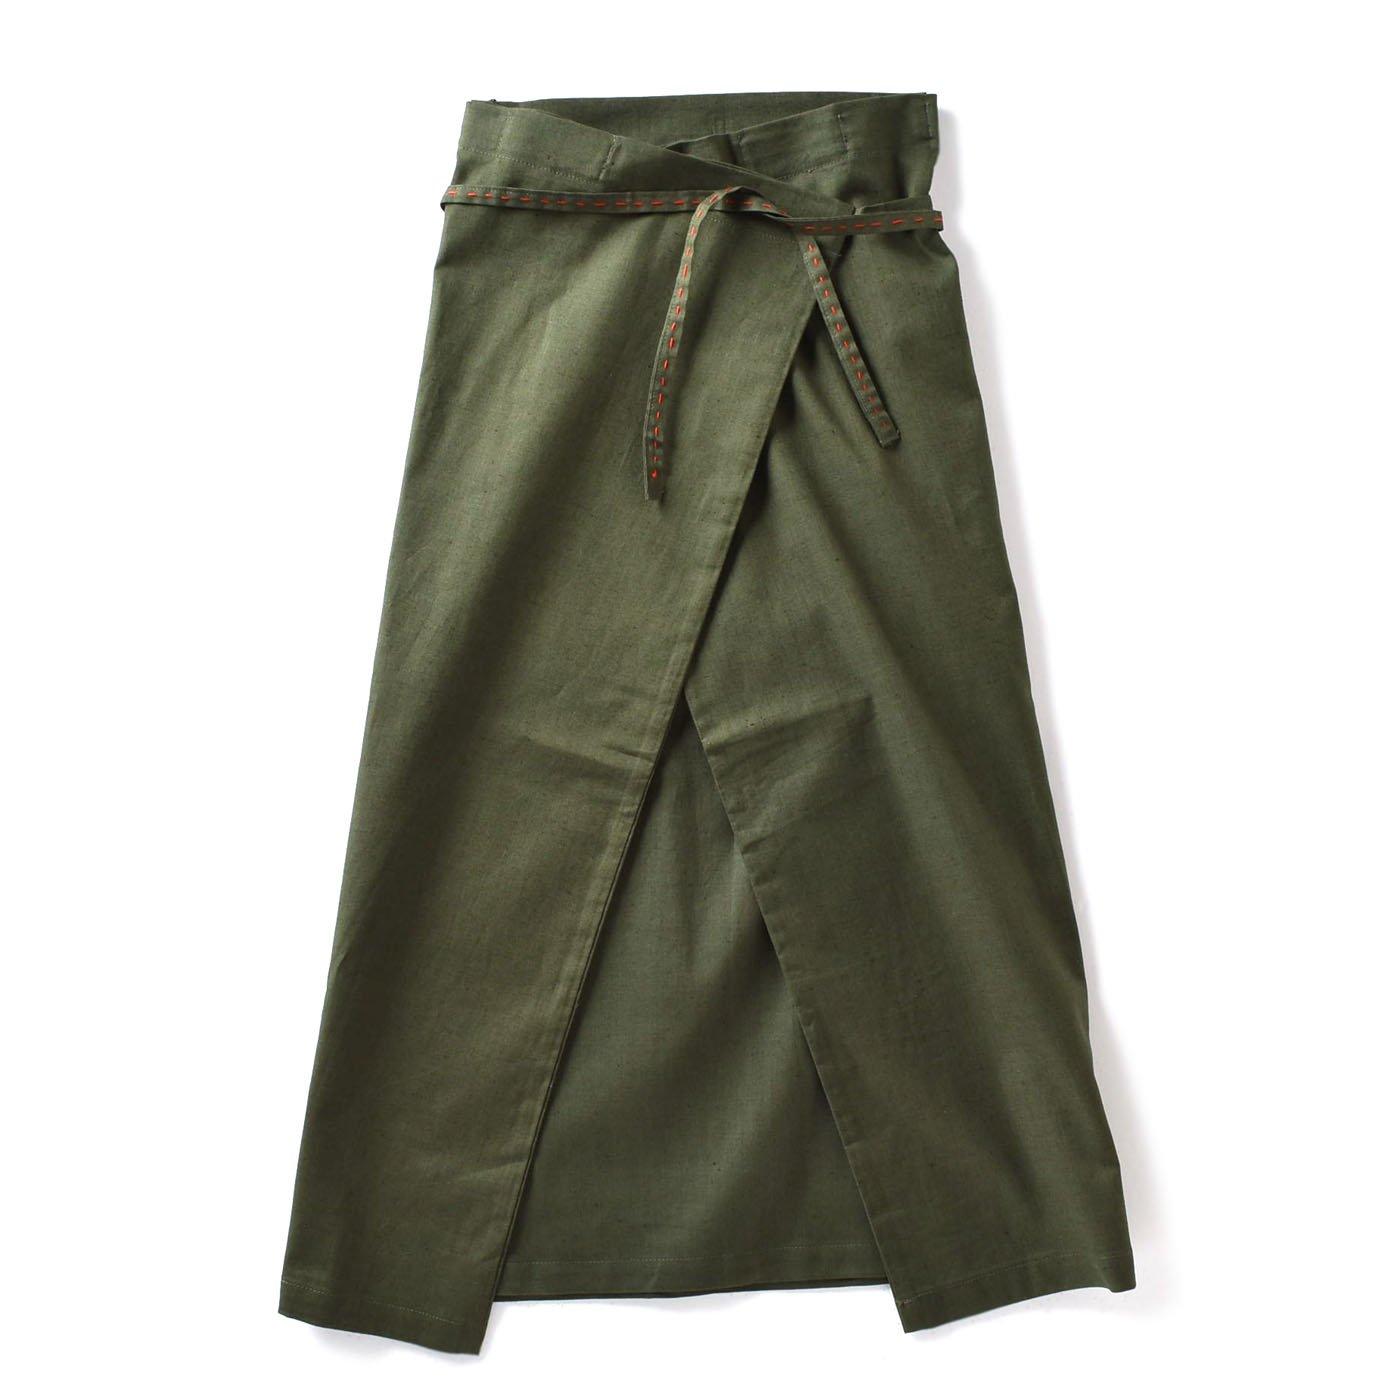 チャレンジド・クリエイティブ・プロジェクト ハンドステッチがやさしい 自在に着られる リネン混ラップスカート〈グリーン〉